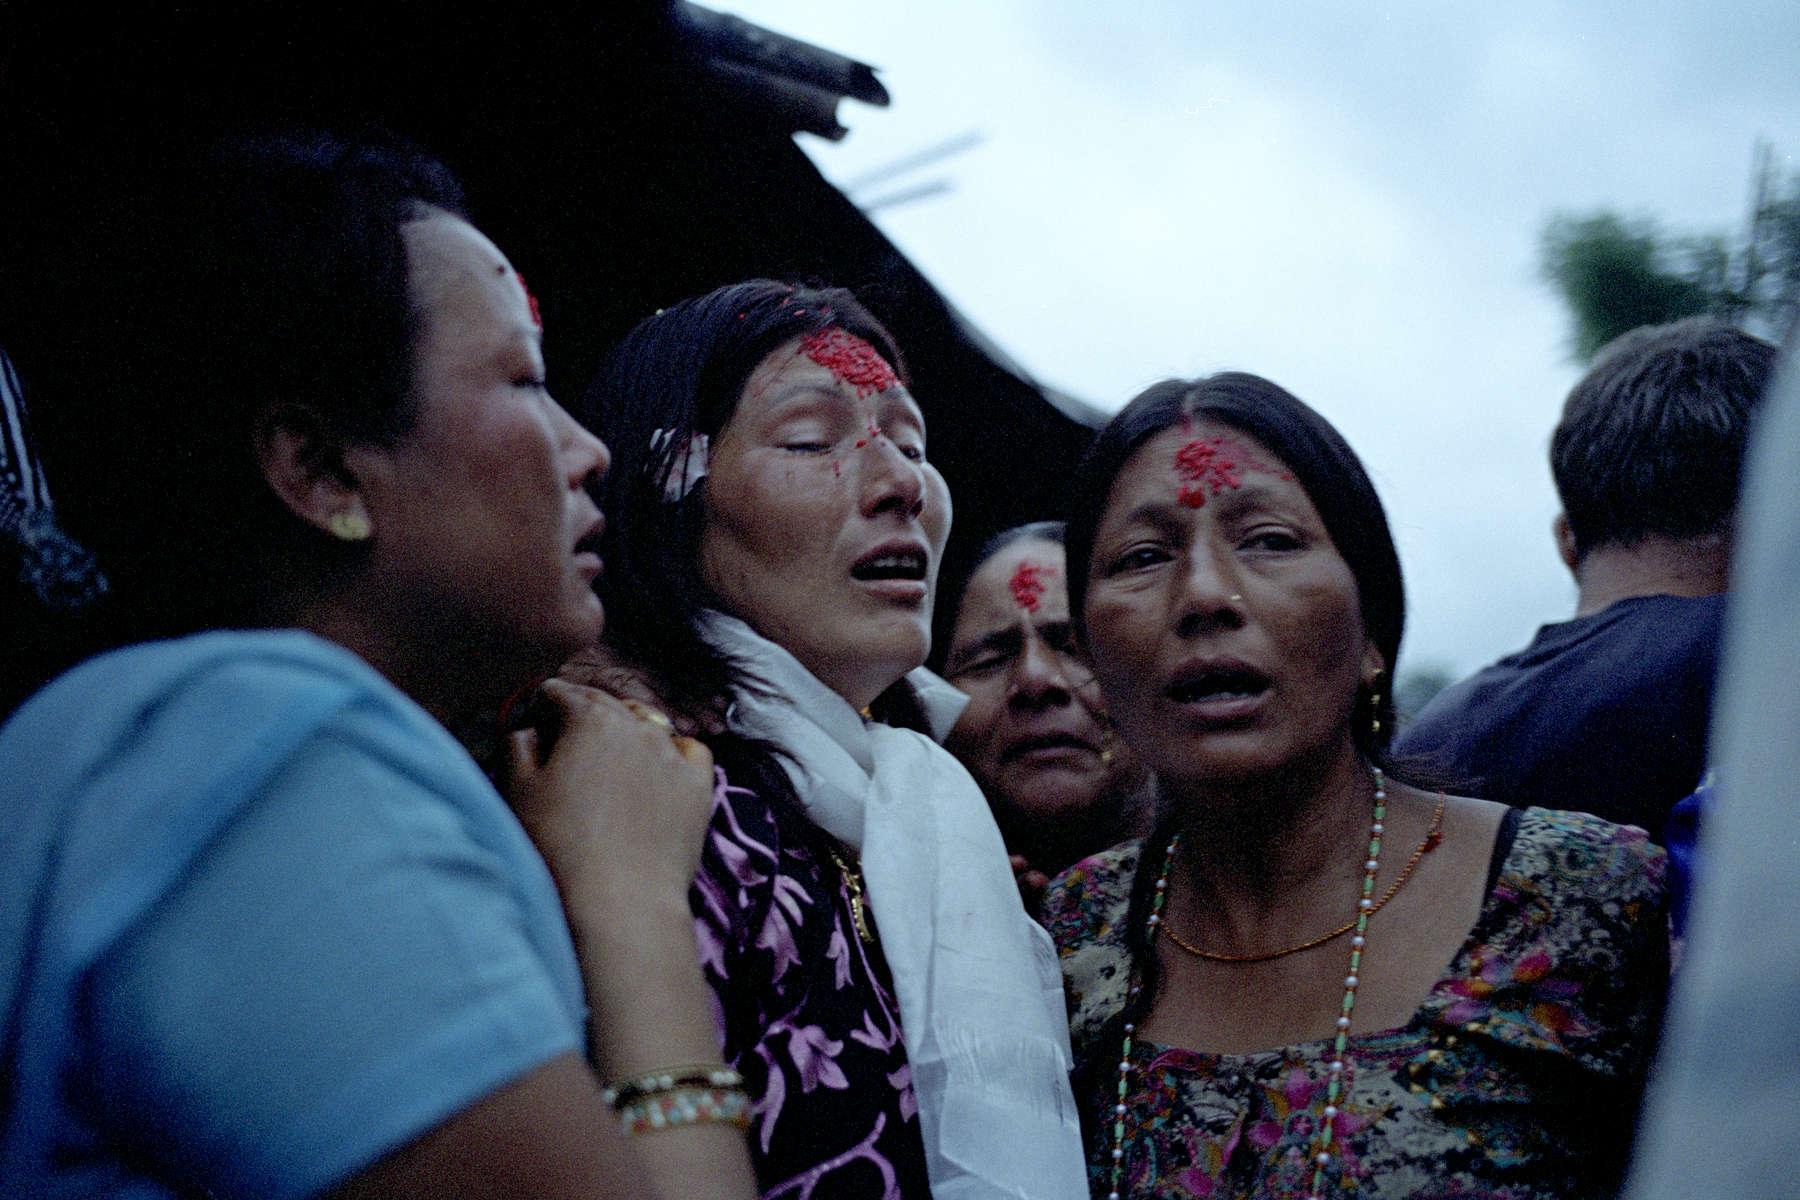 6 heure du matin, le jour du grand départ: les proches de la famille Mainali se rassemblent devant leur hutte pour leur souhaiter un bon voyage. Ici les femmes déposent sur le front de Hema la tika (rituel Hindou). Népal, Août 2009, Népal.